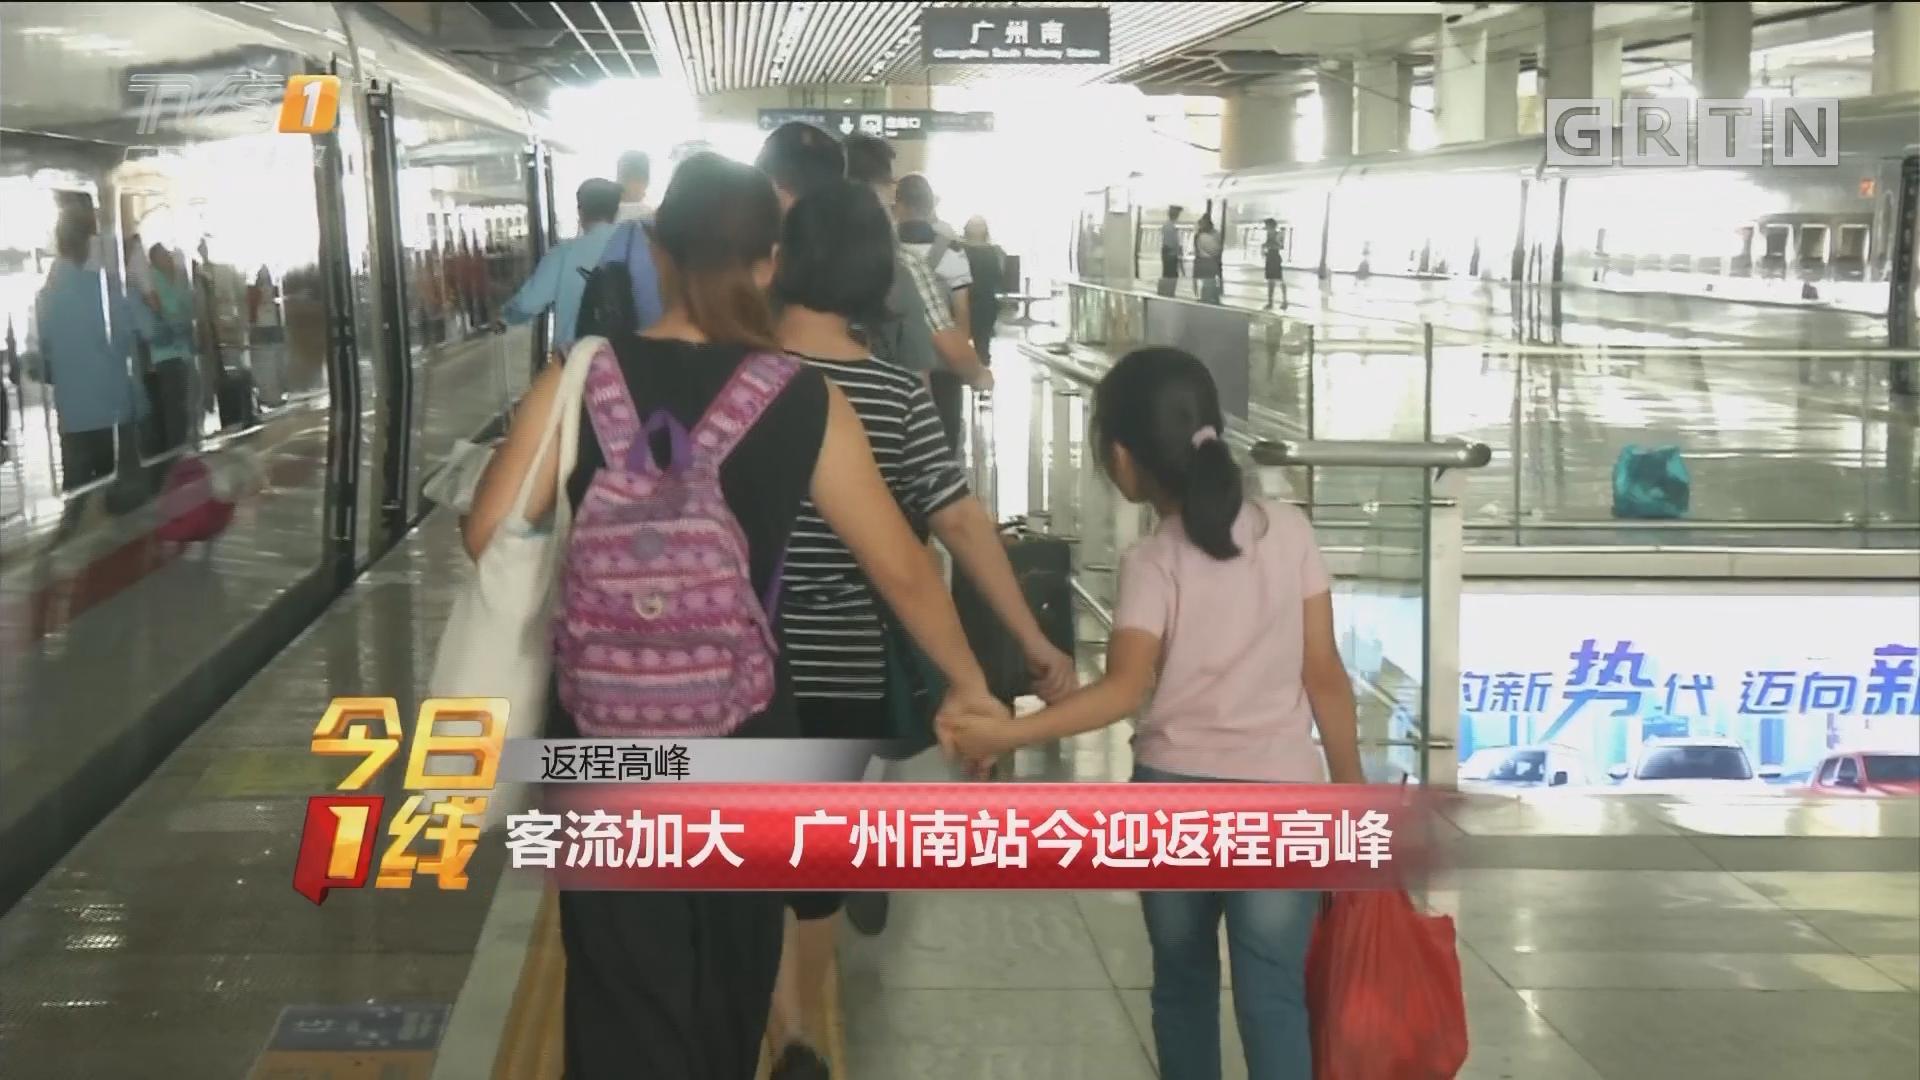 返程高峰:客流加大 广州南站今迎返程高峰